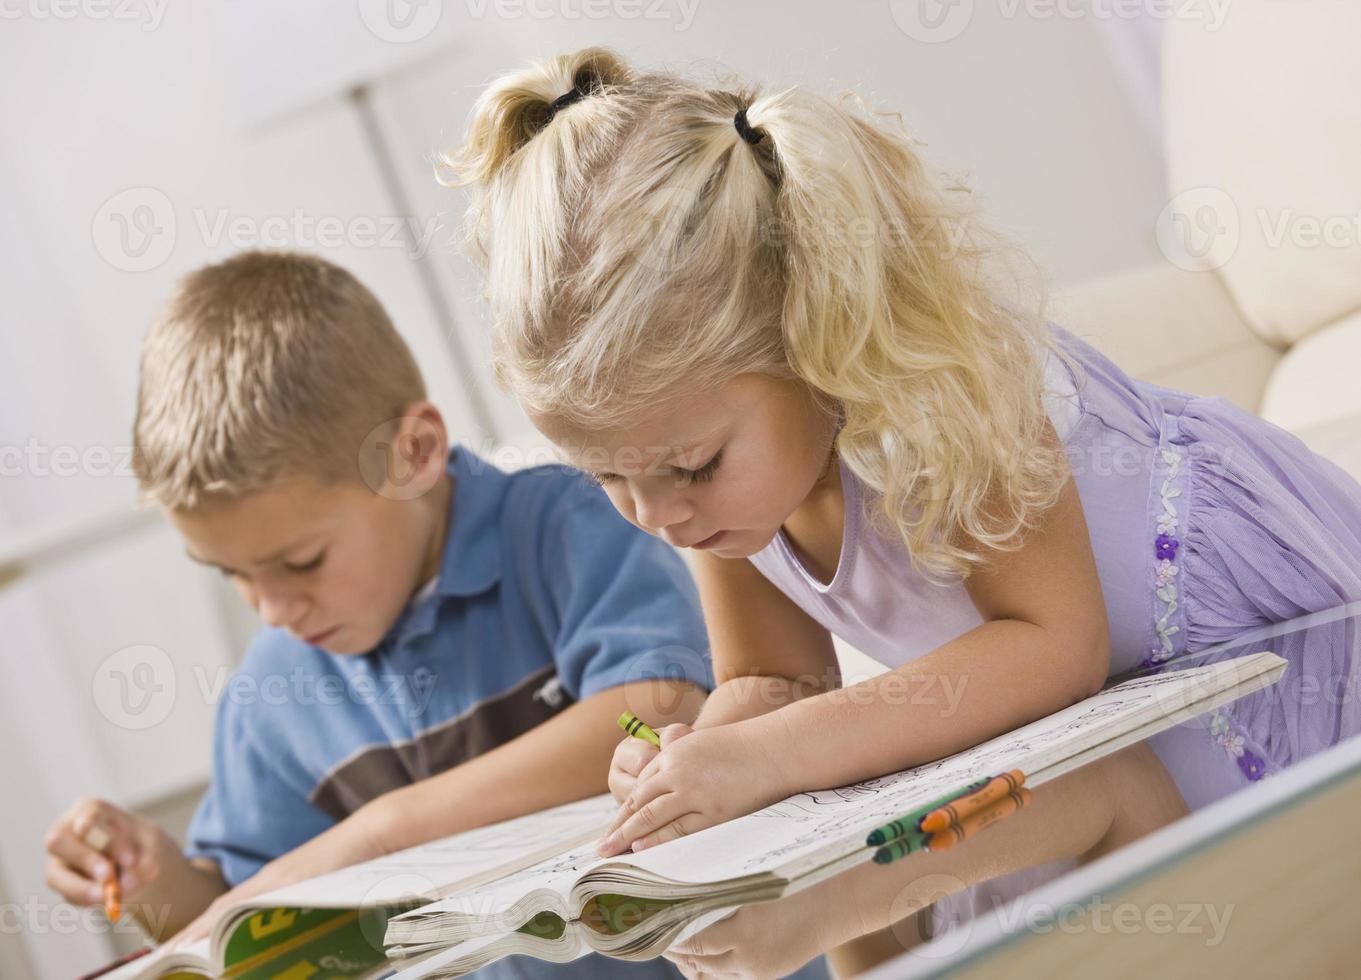 små barn färgläggning foto